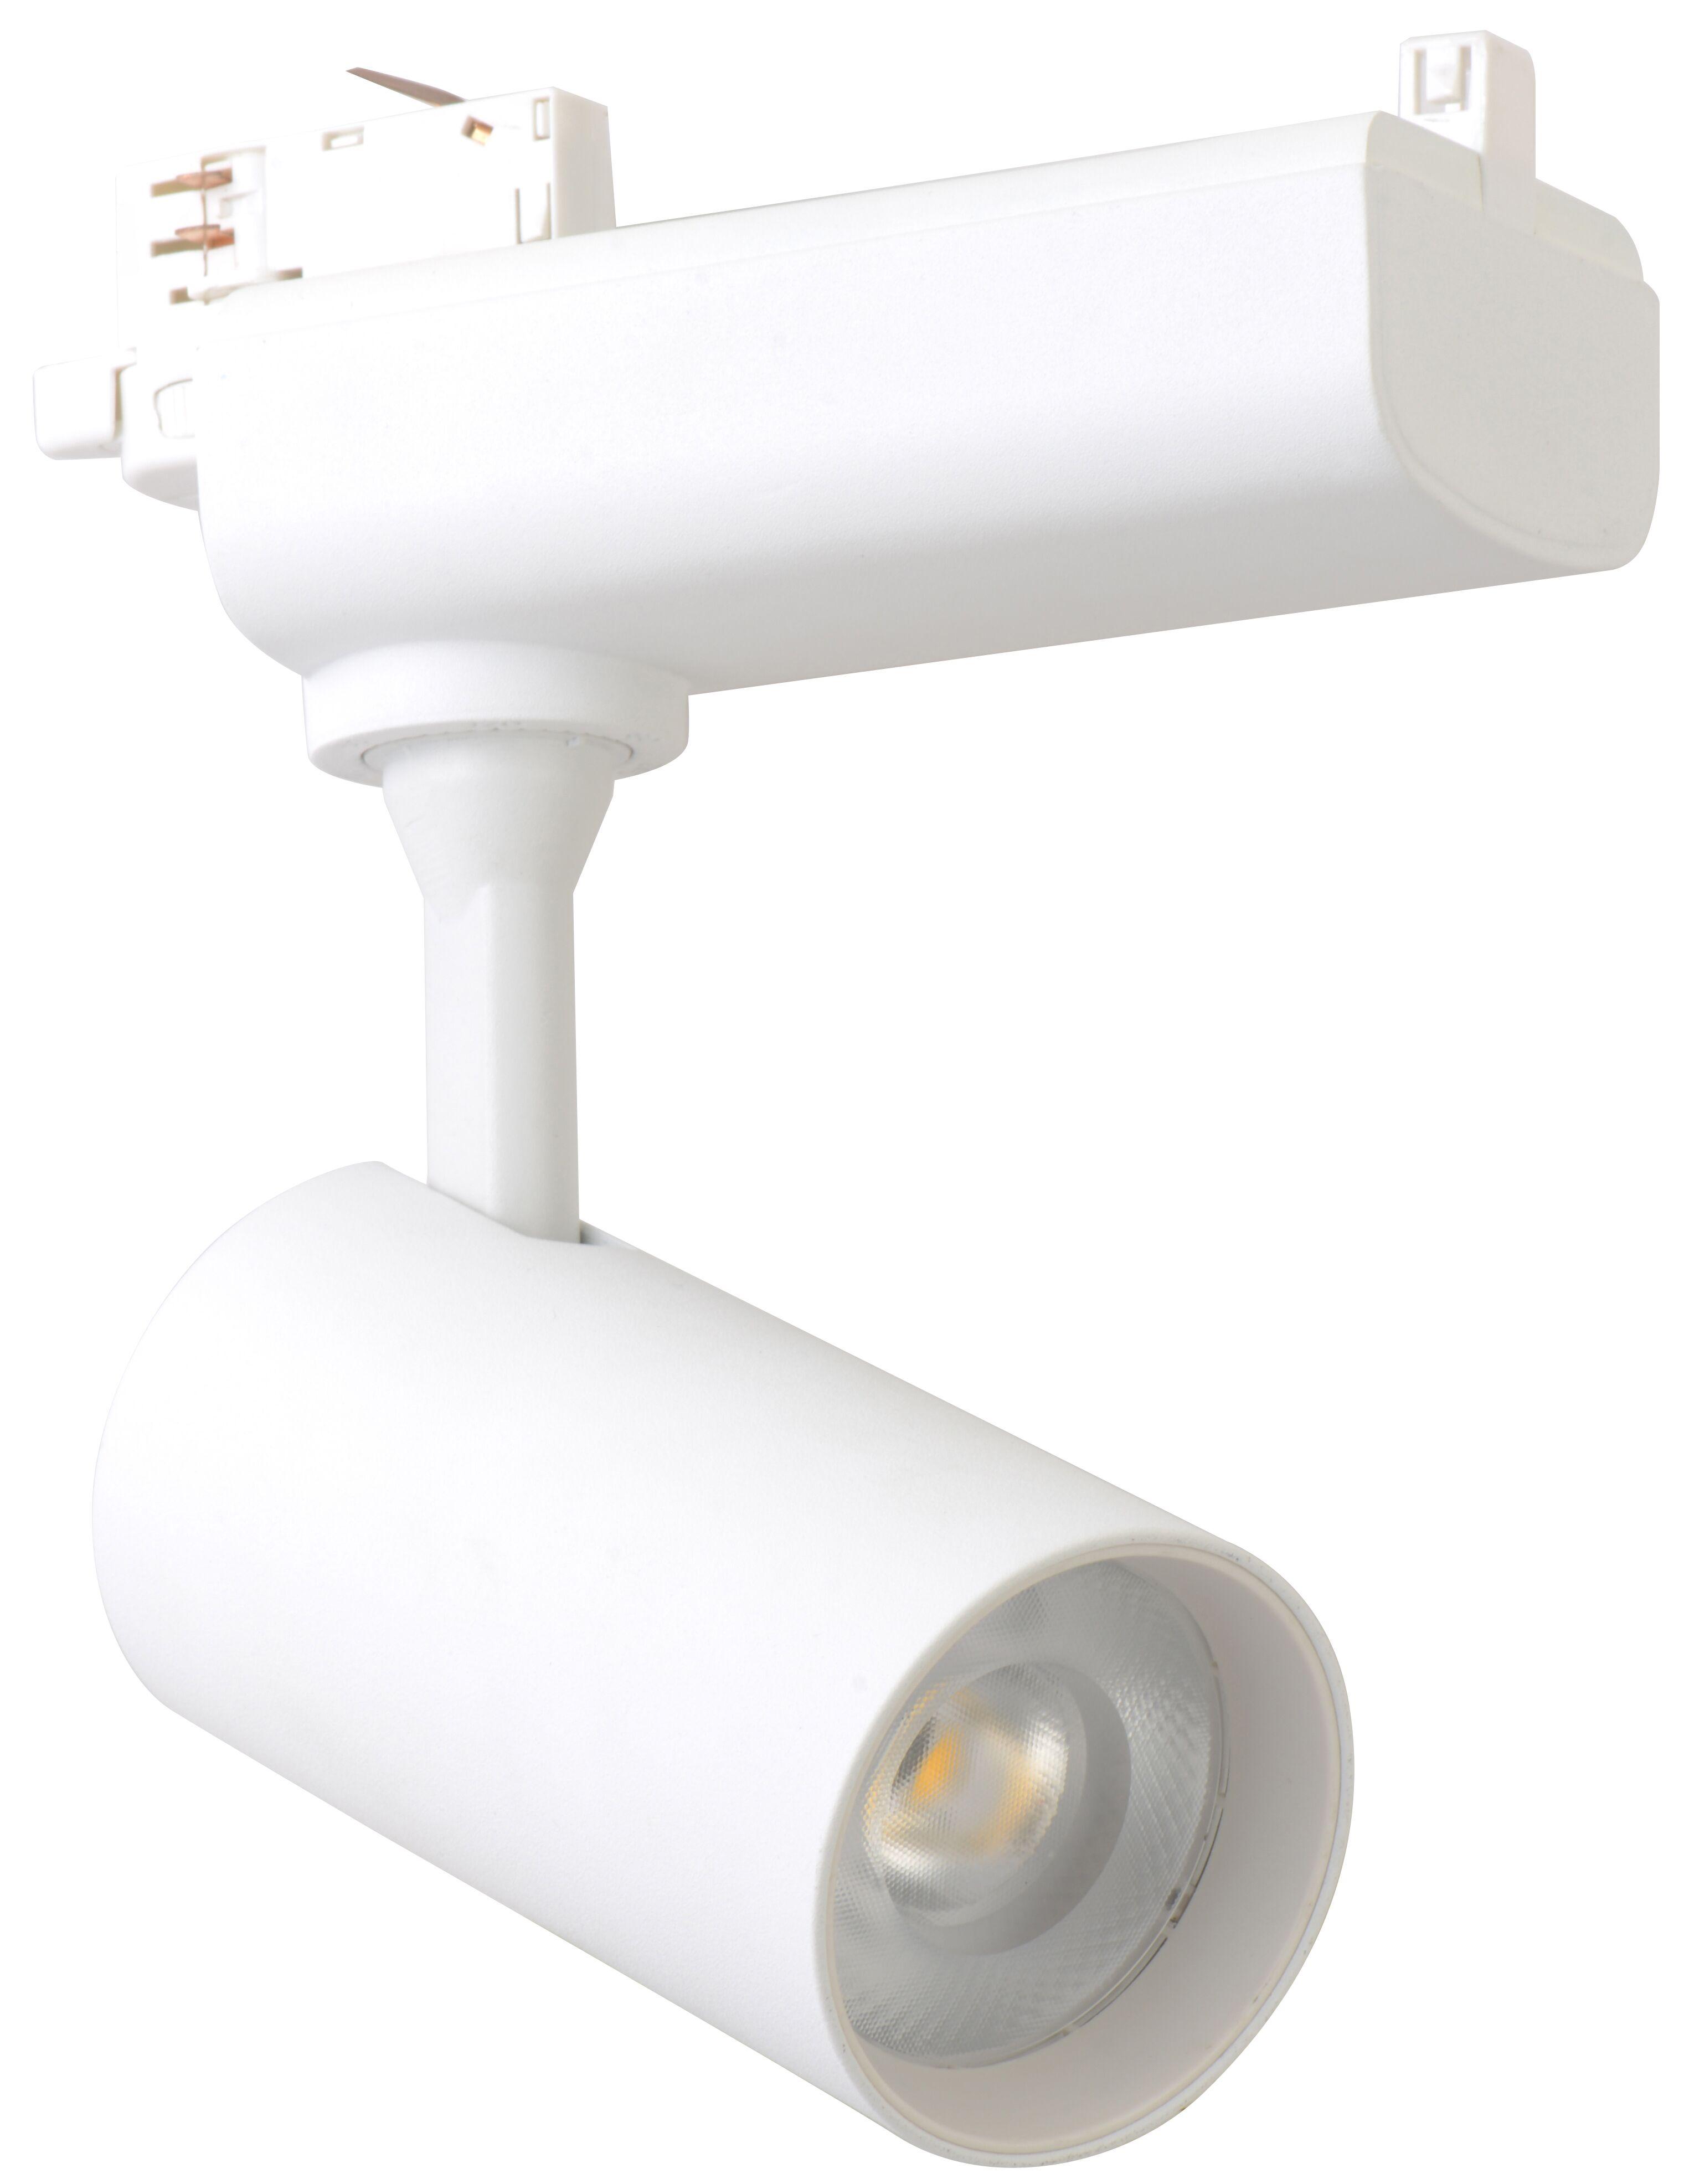 LED Track Light 006-40W 3600LM